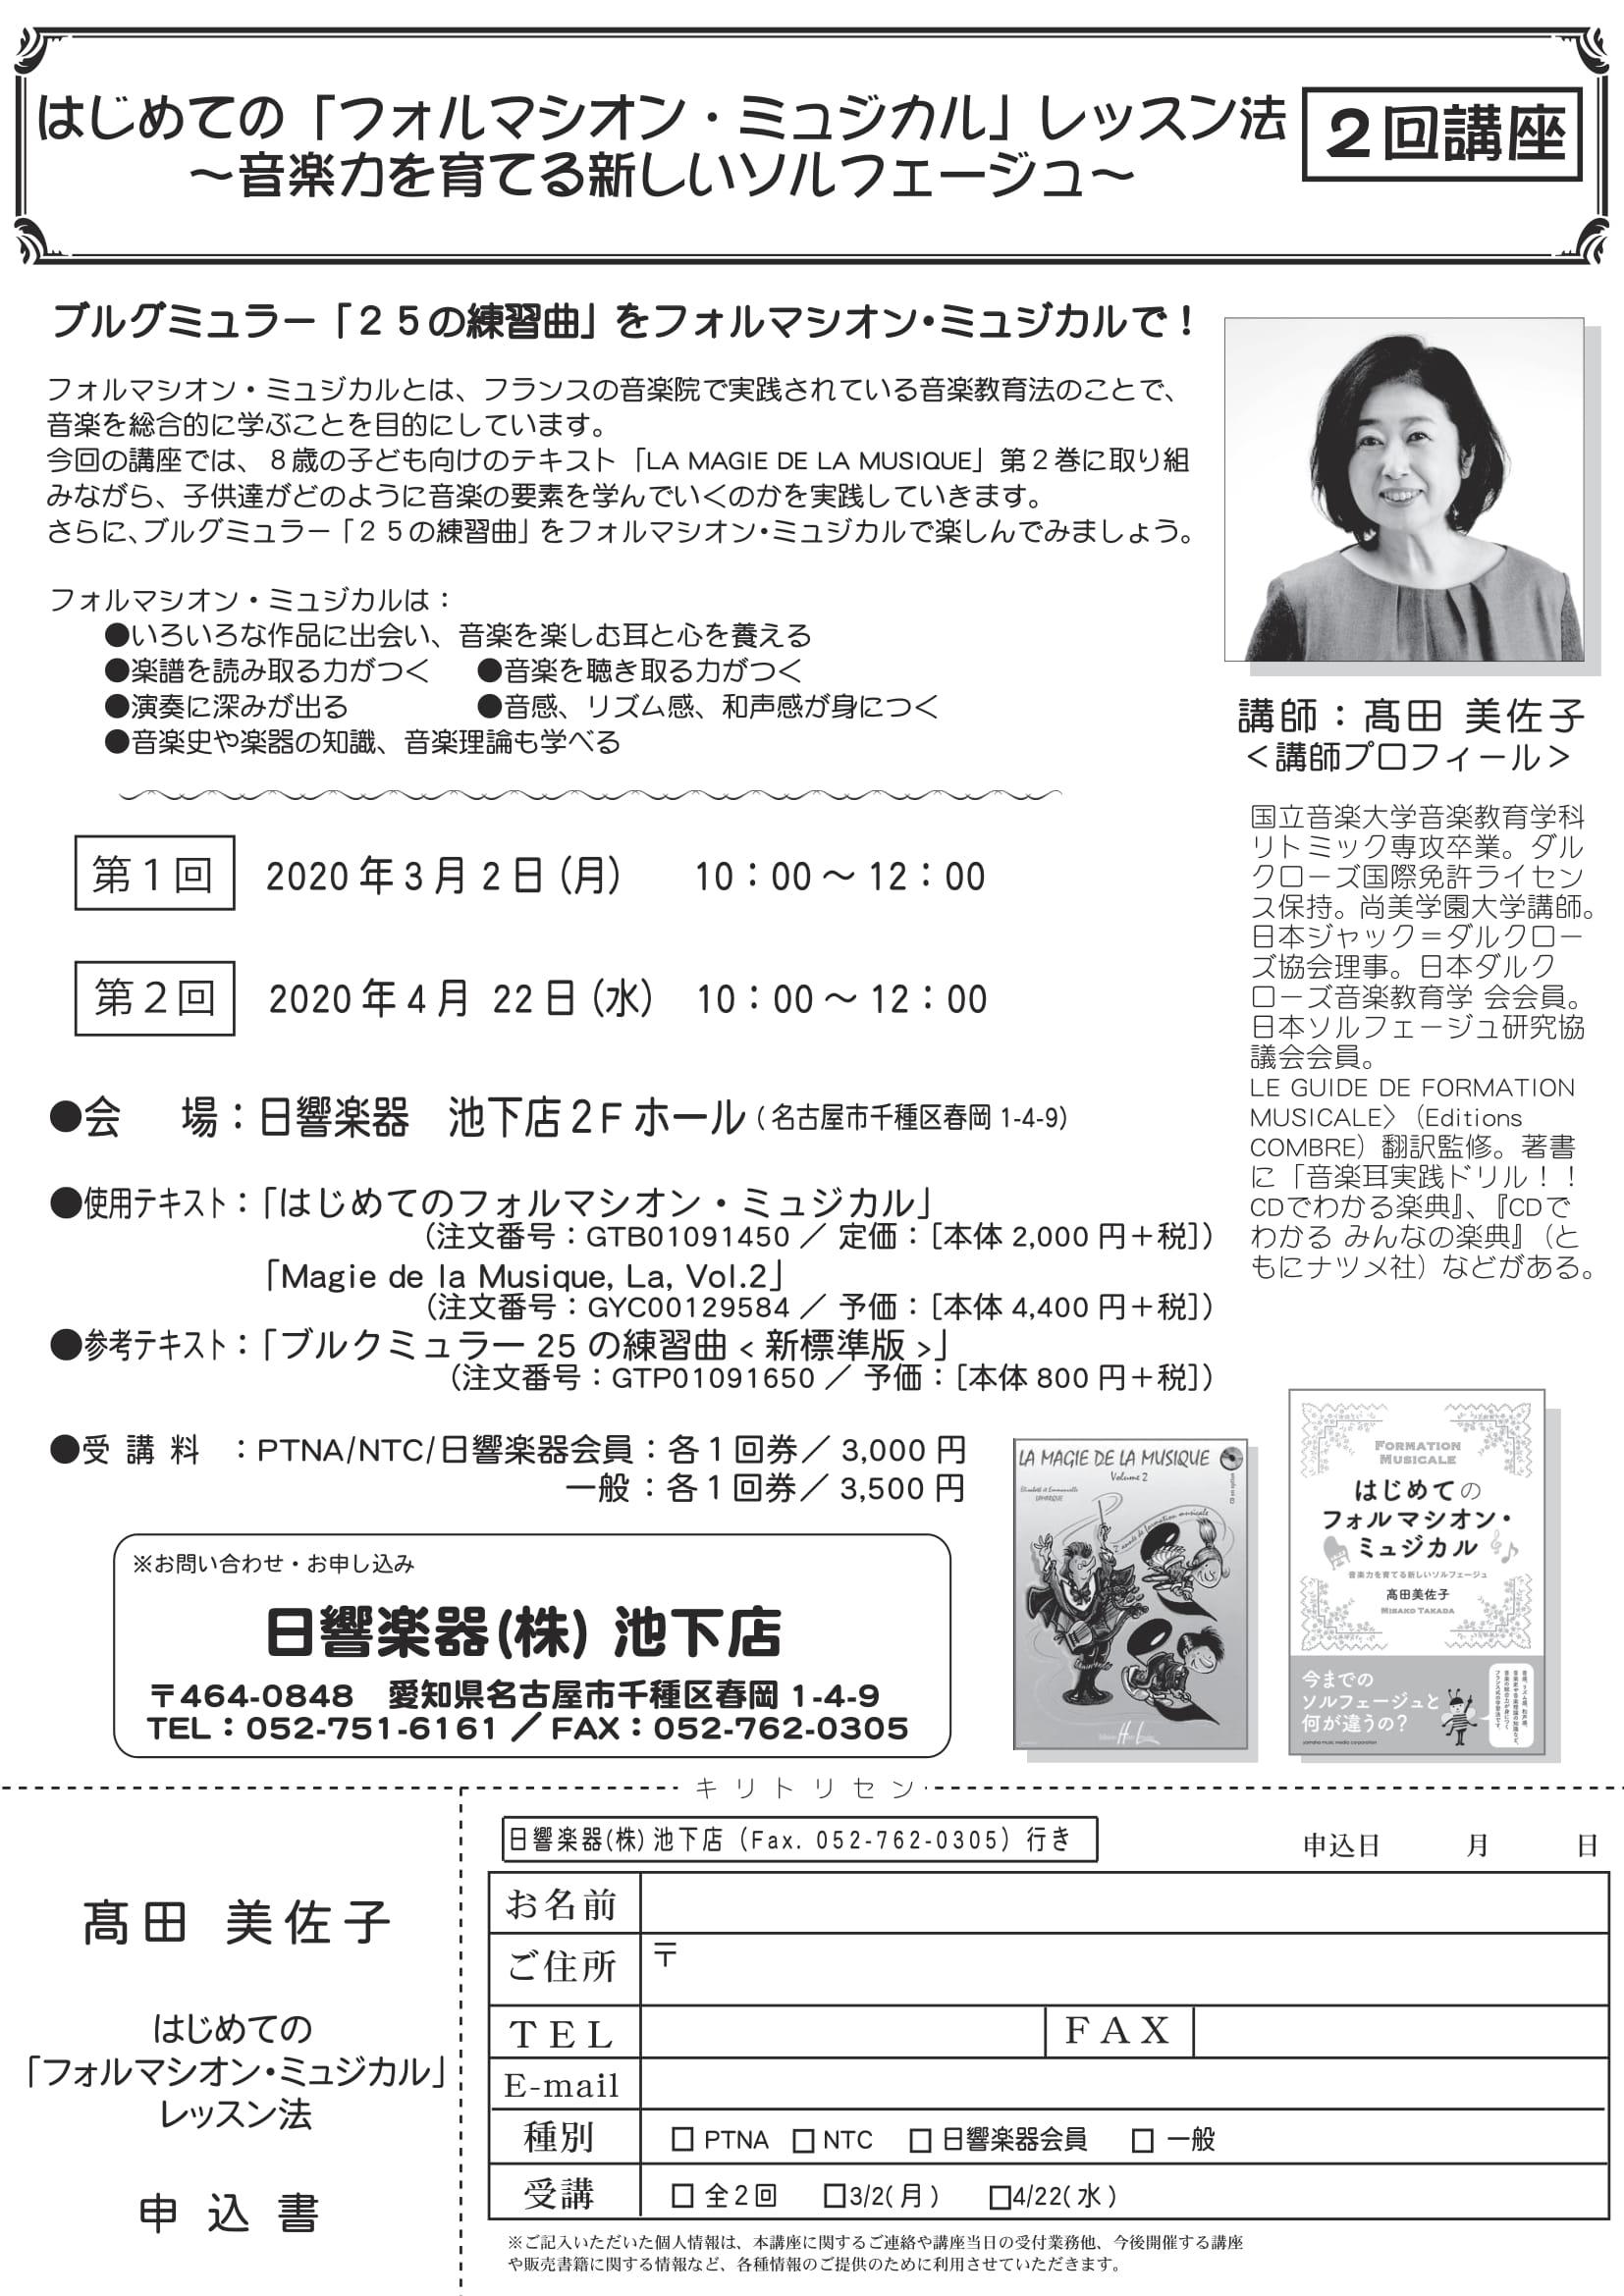 20.03高田美佐子先生_日響池下-1